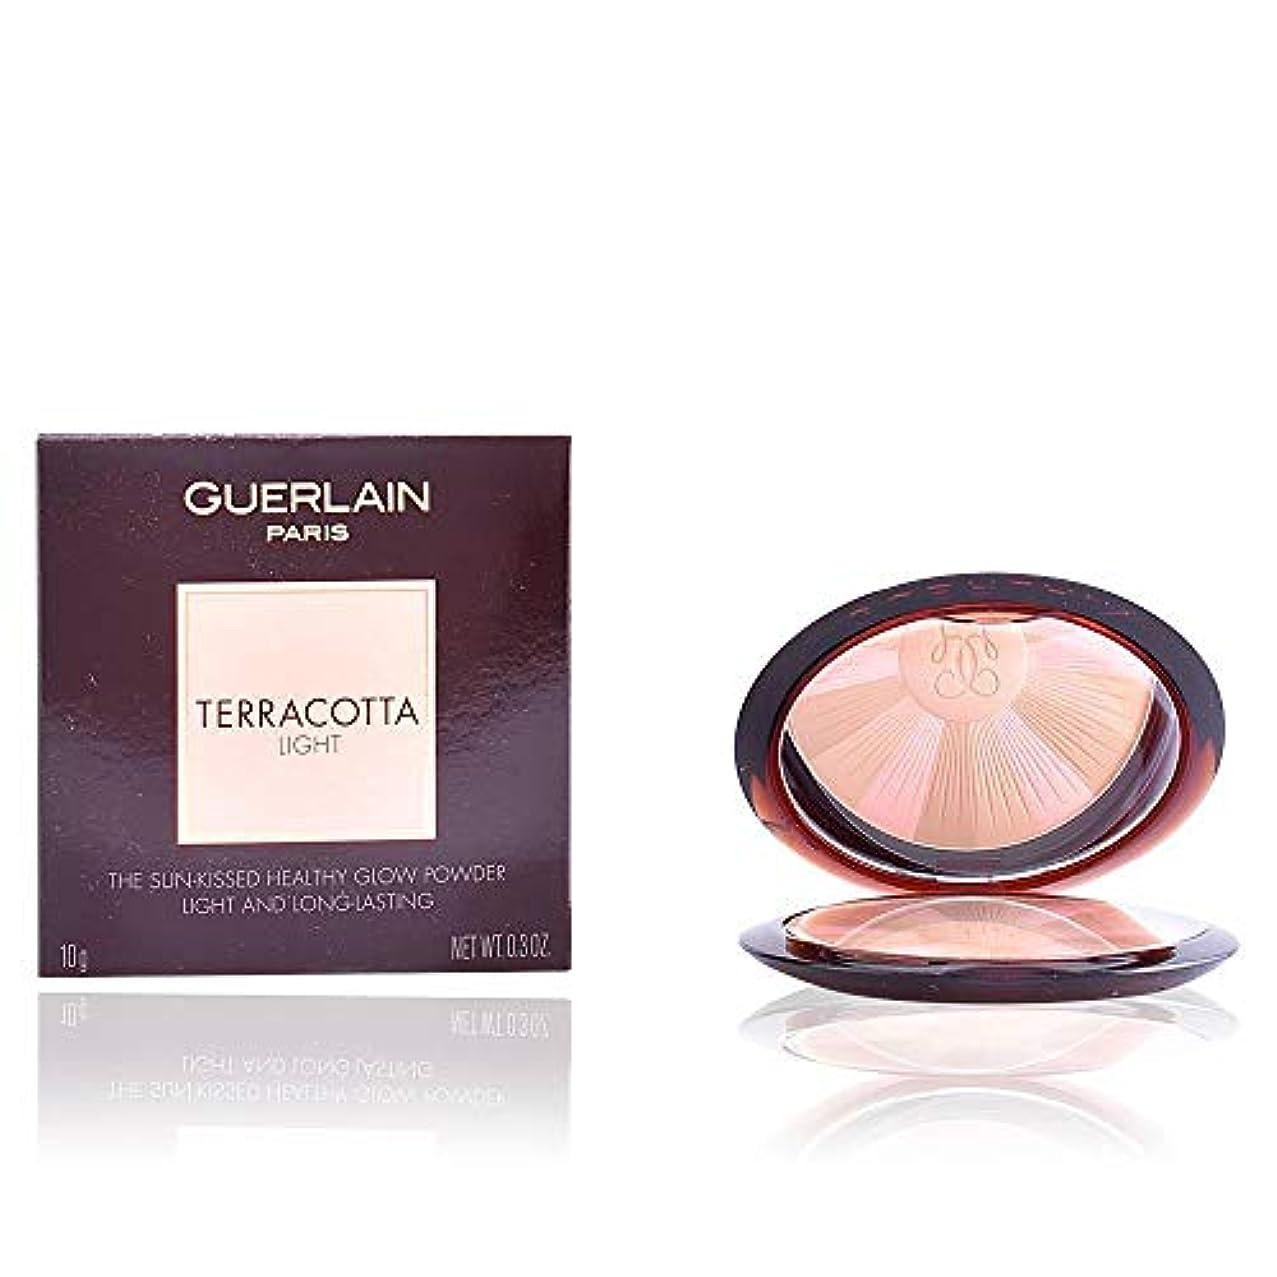 聴衆スチュワード醸造所ゲラン Terracotta Light The Sun Kissed Healthy Glow Powder - # 05 Deep Cool 10g/0.3oz並行輸入品